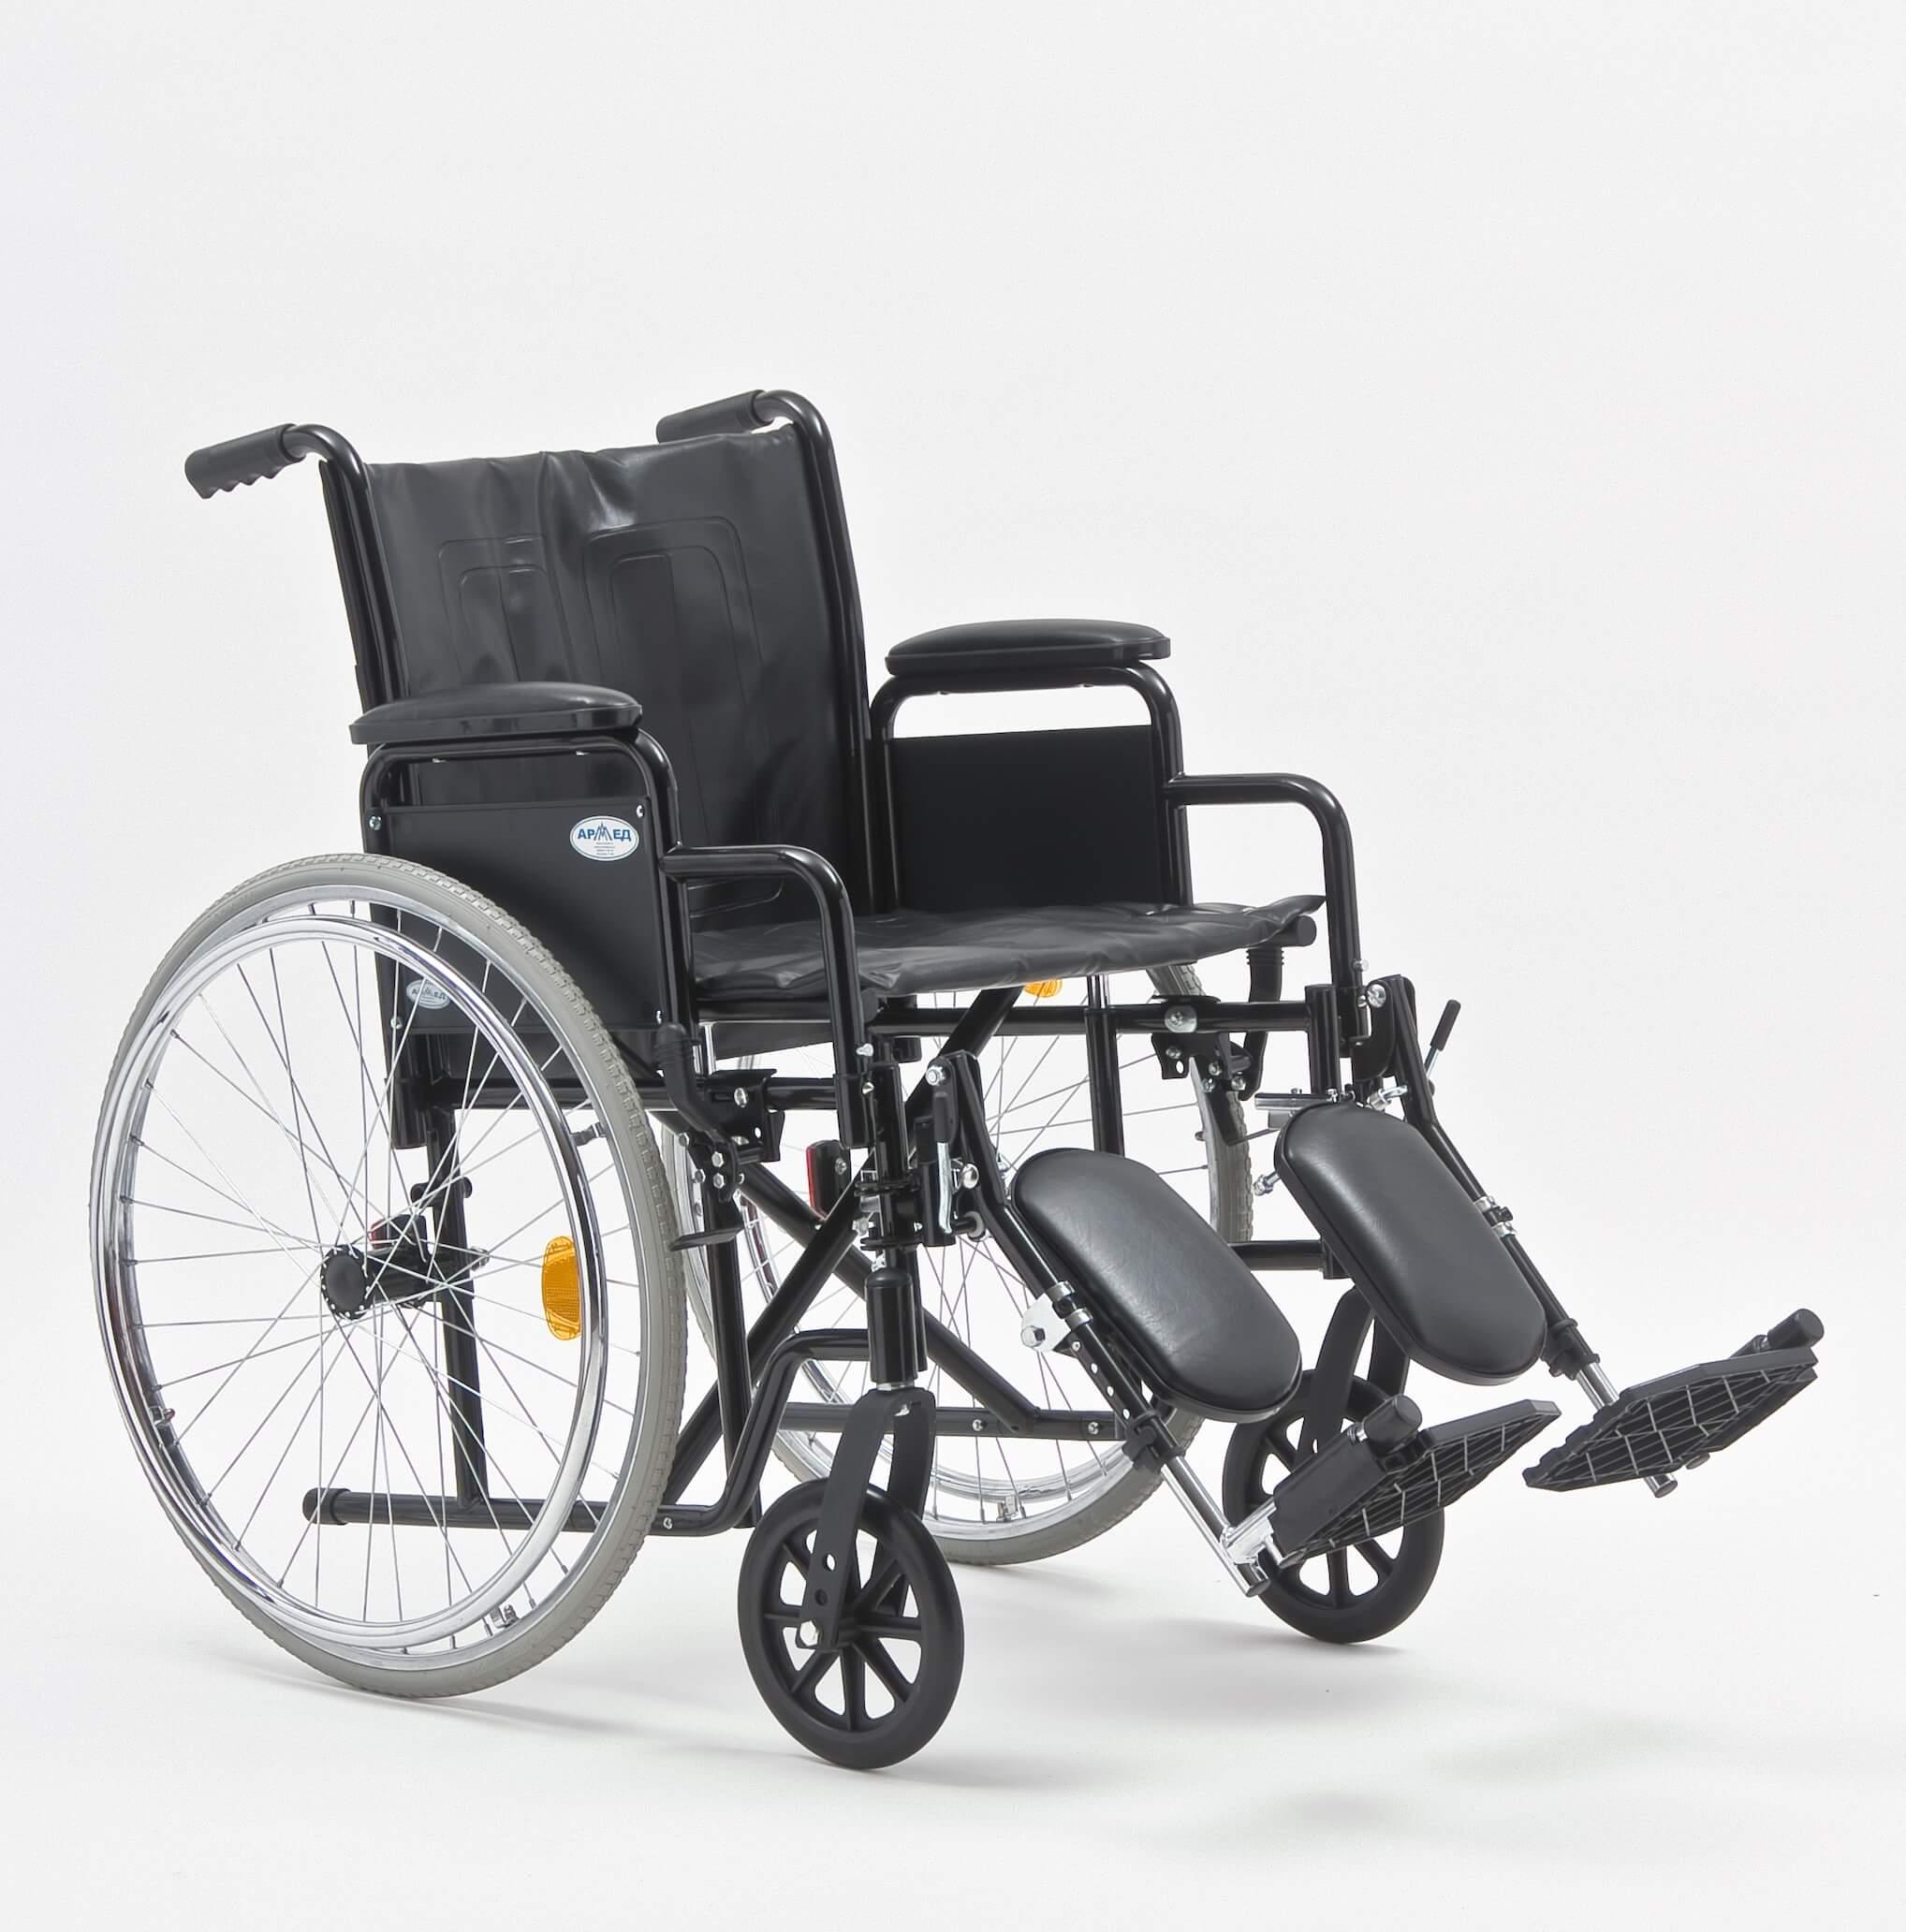 Кресла-коляски для инвалидов H 002 (20 дюймов)